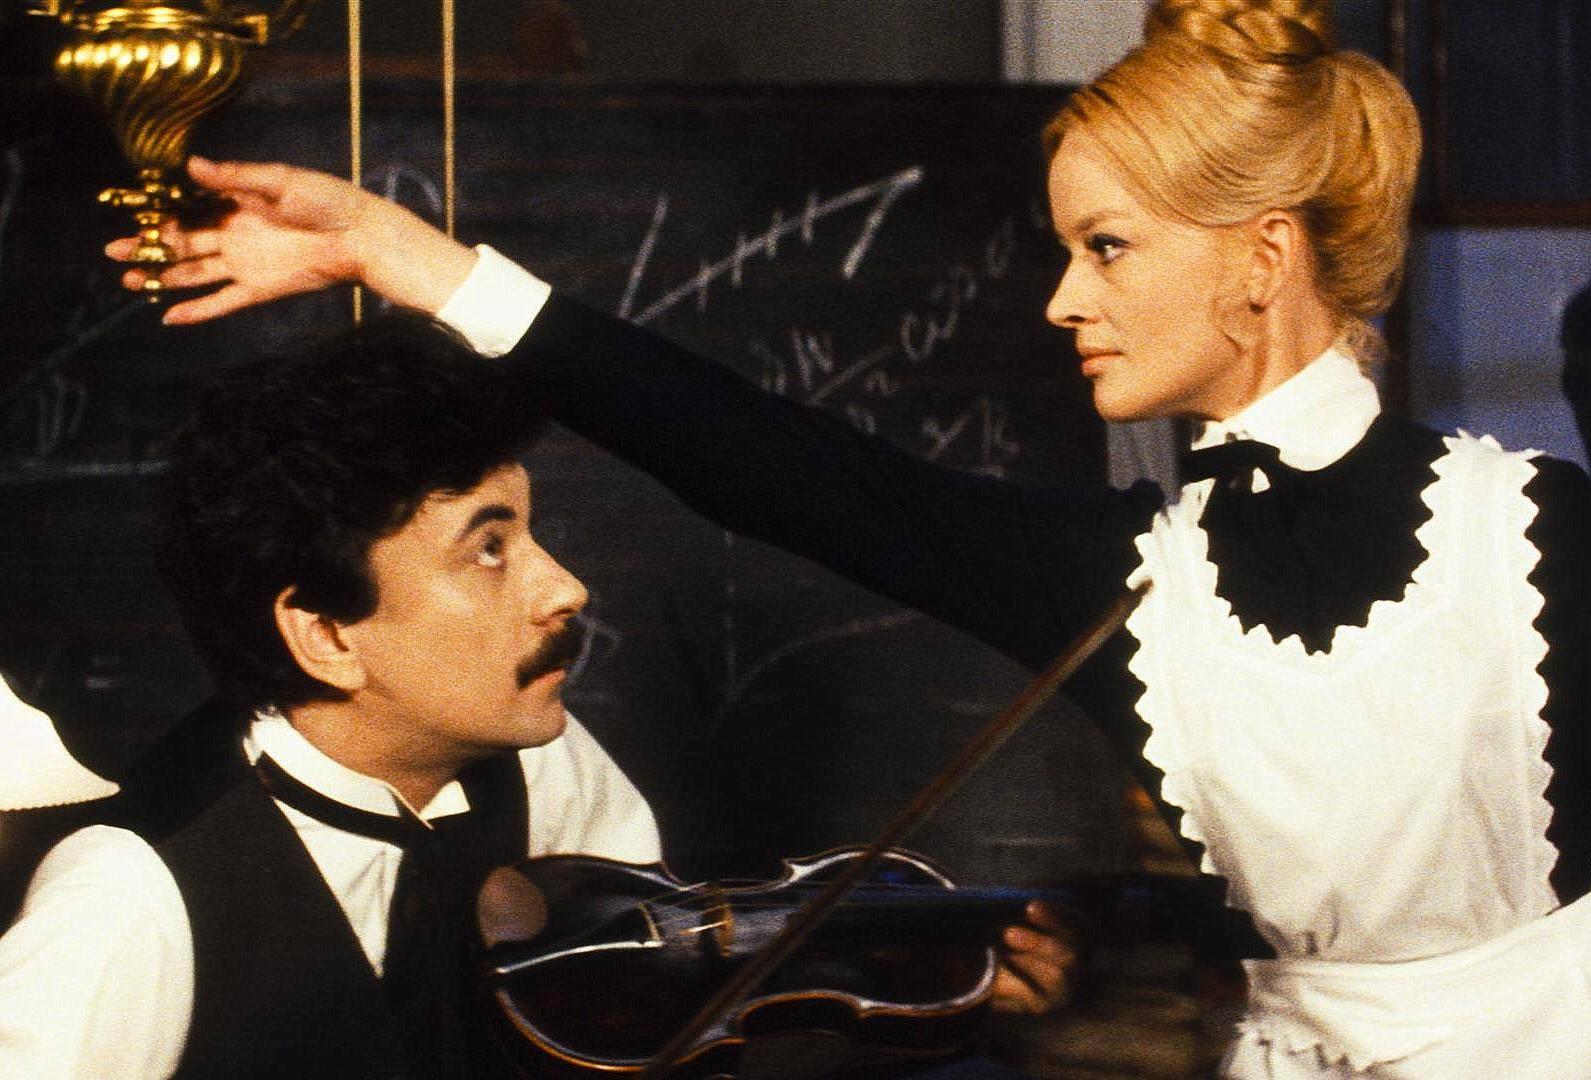 Jana Brejchová and Petr Cepek in Zabil jsem Einsteina, panove (1970)